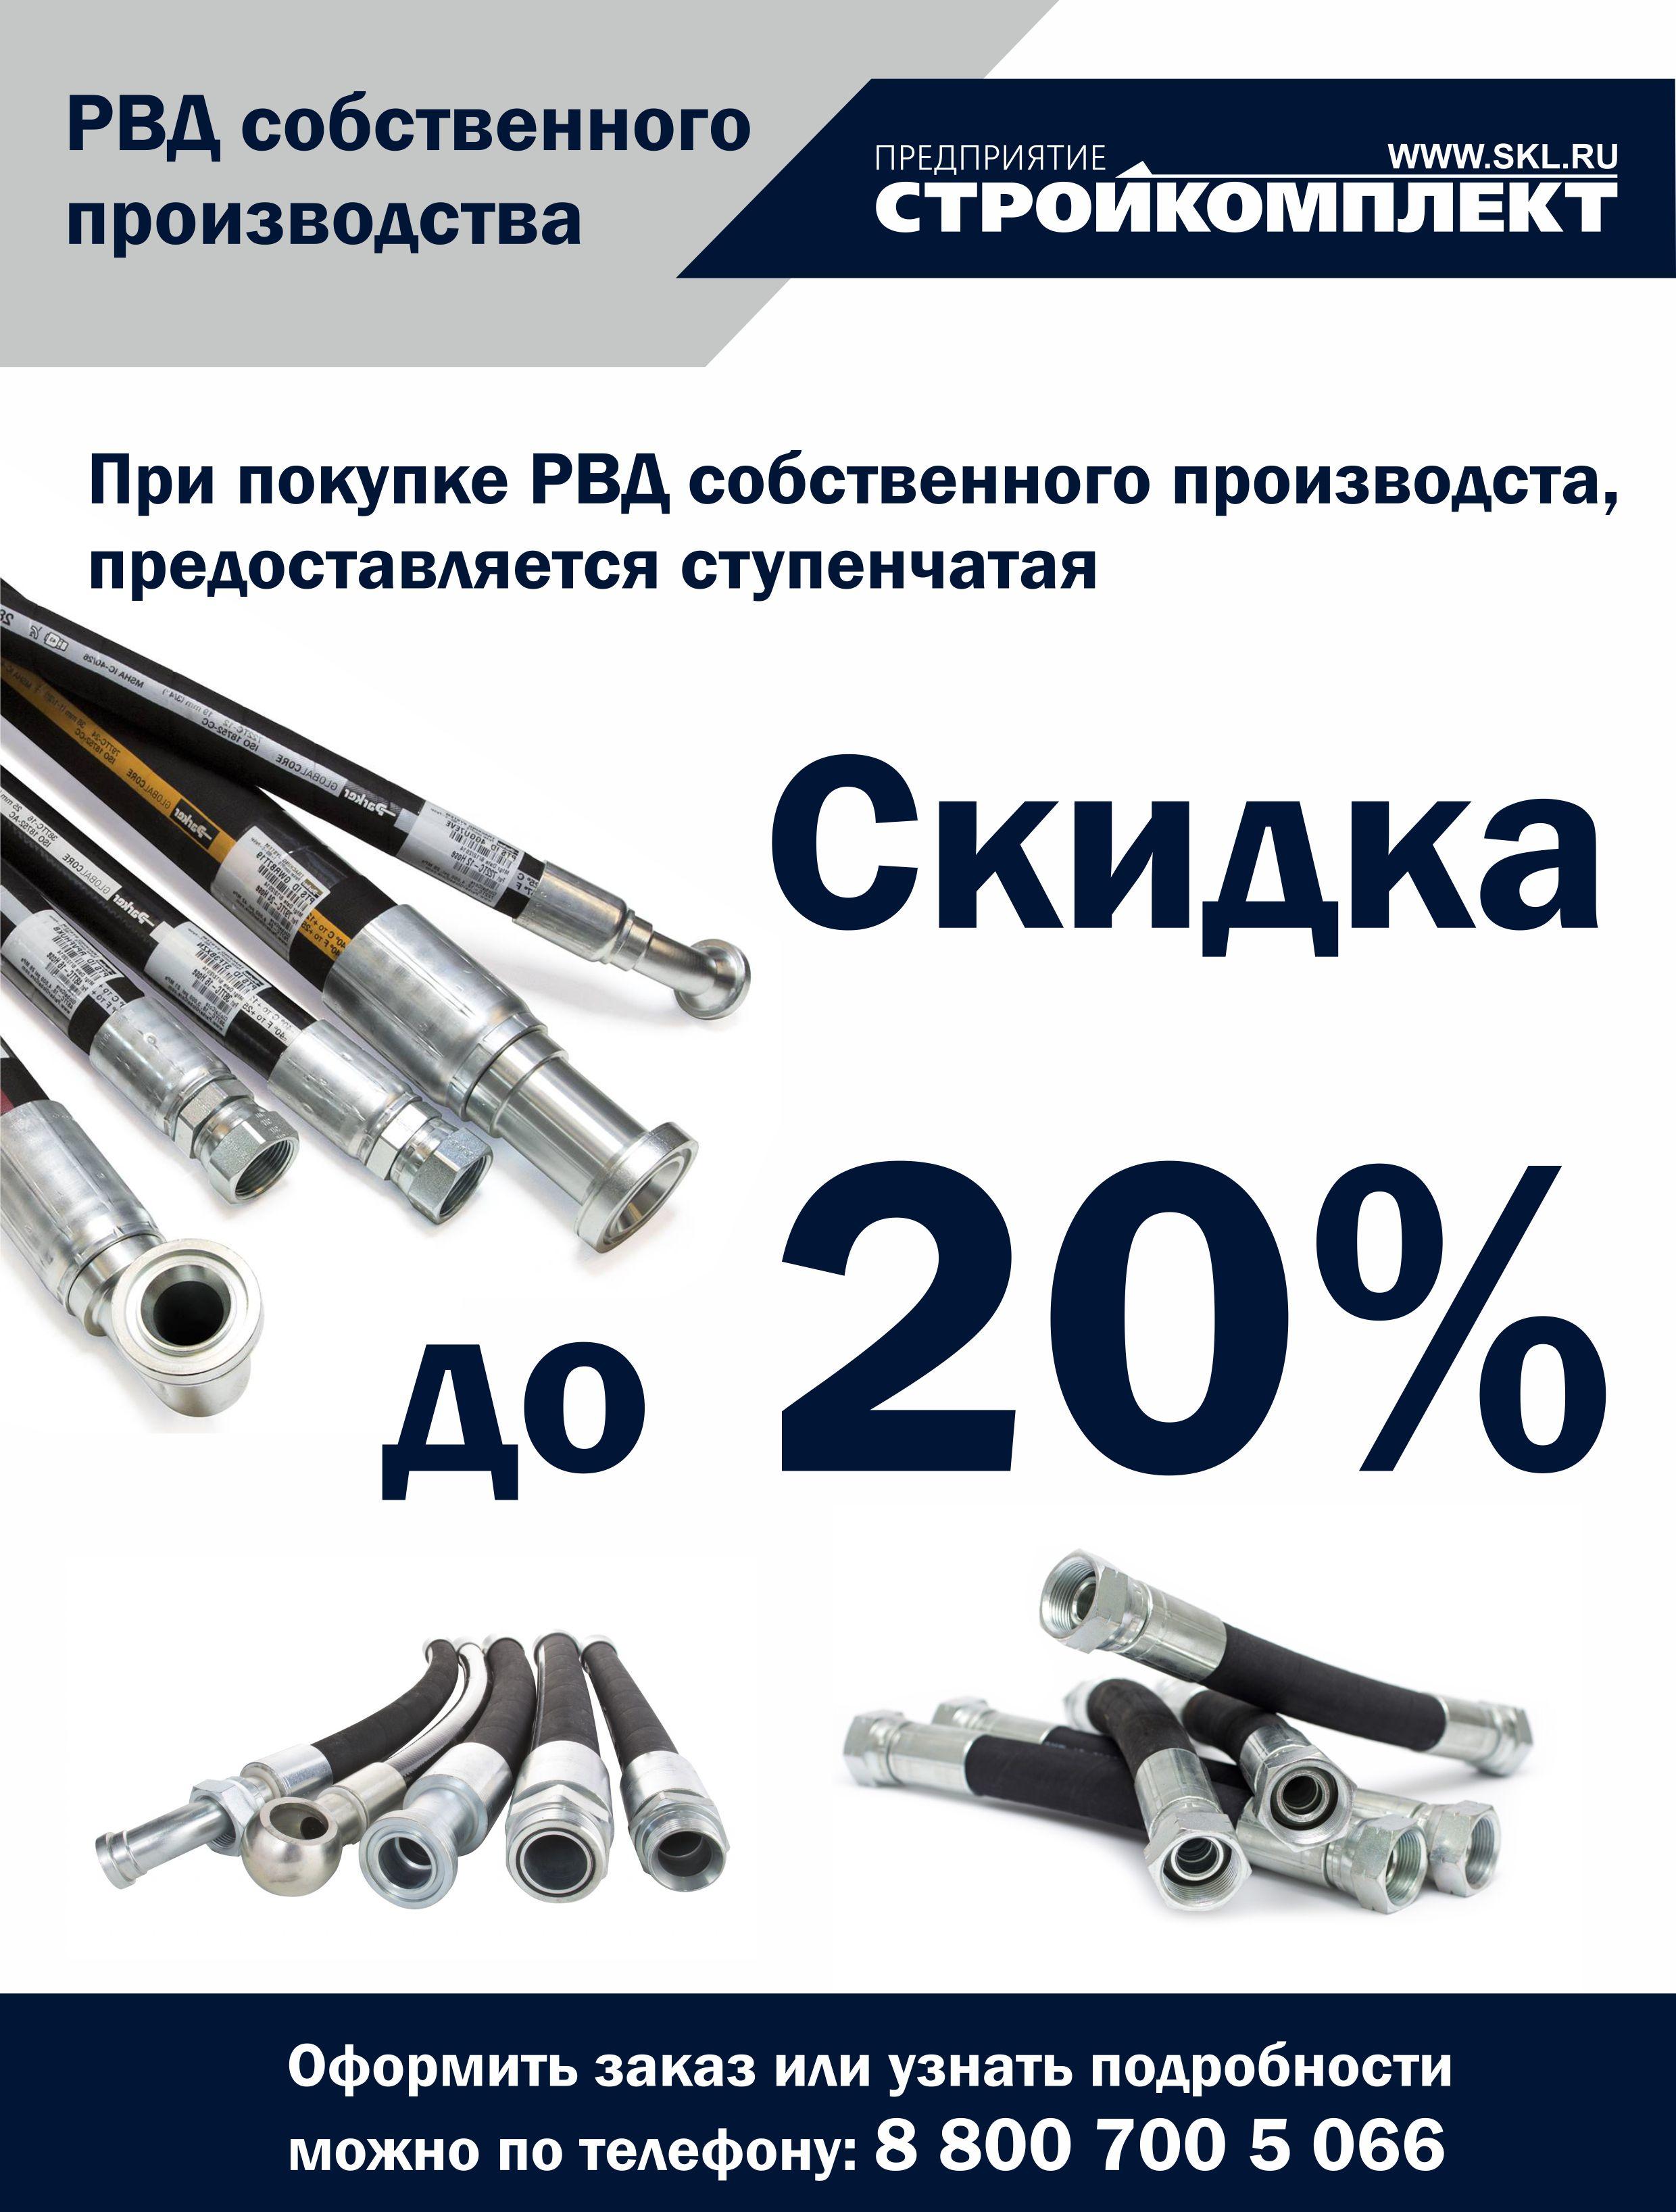 Скидка до 20% на РВД